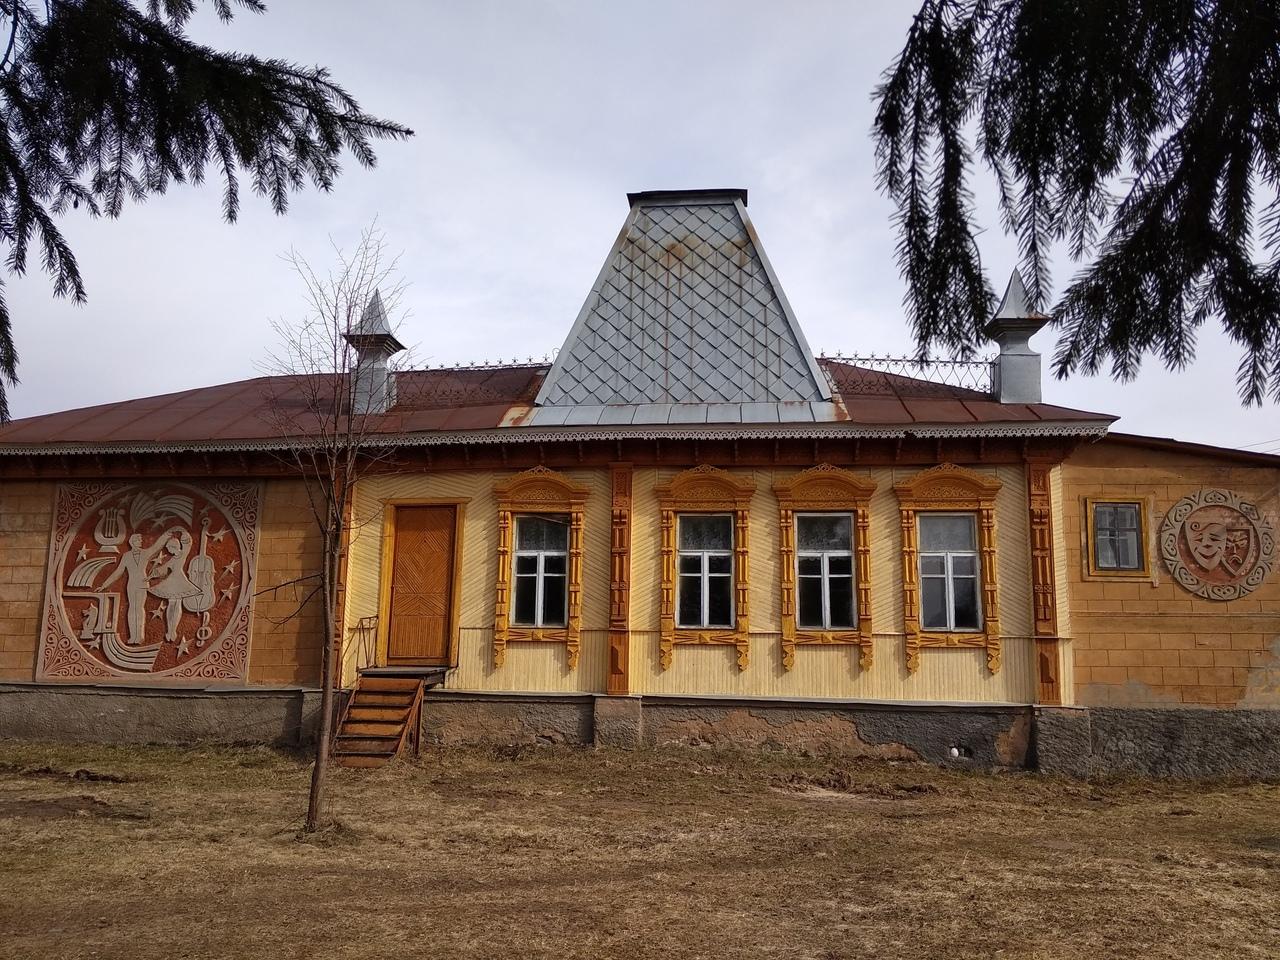 Дом культуры села Чернцы Лежневского района Ивановской области